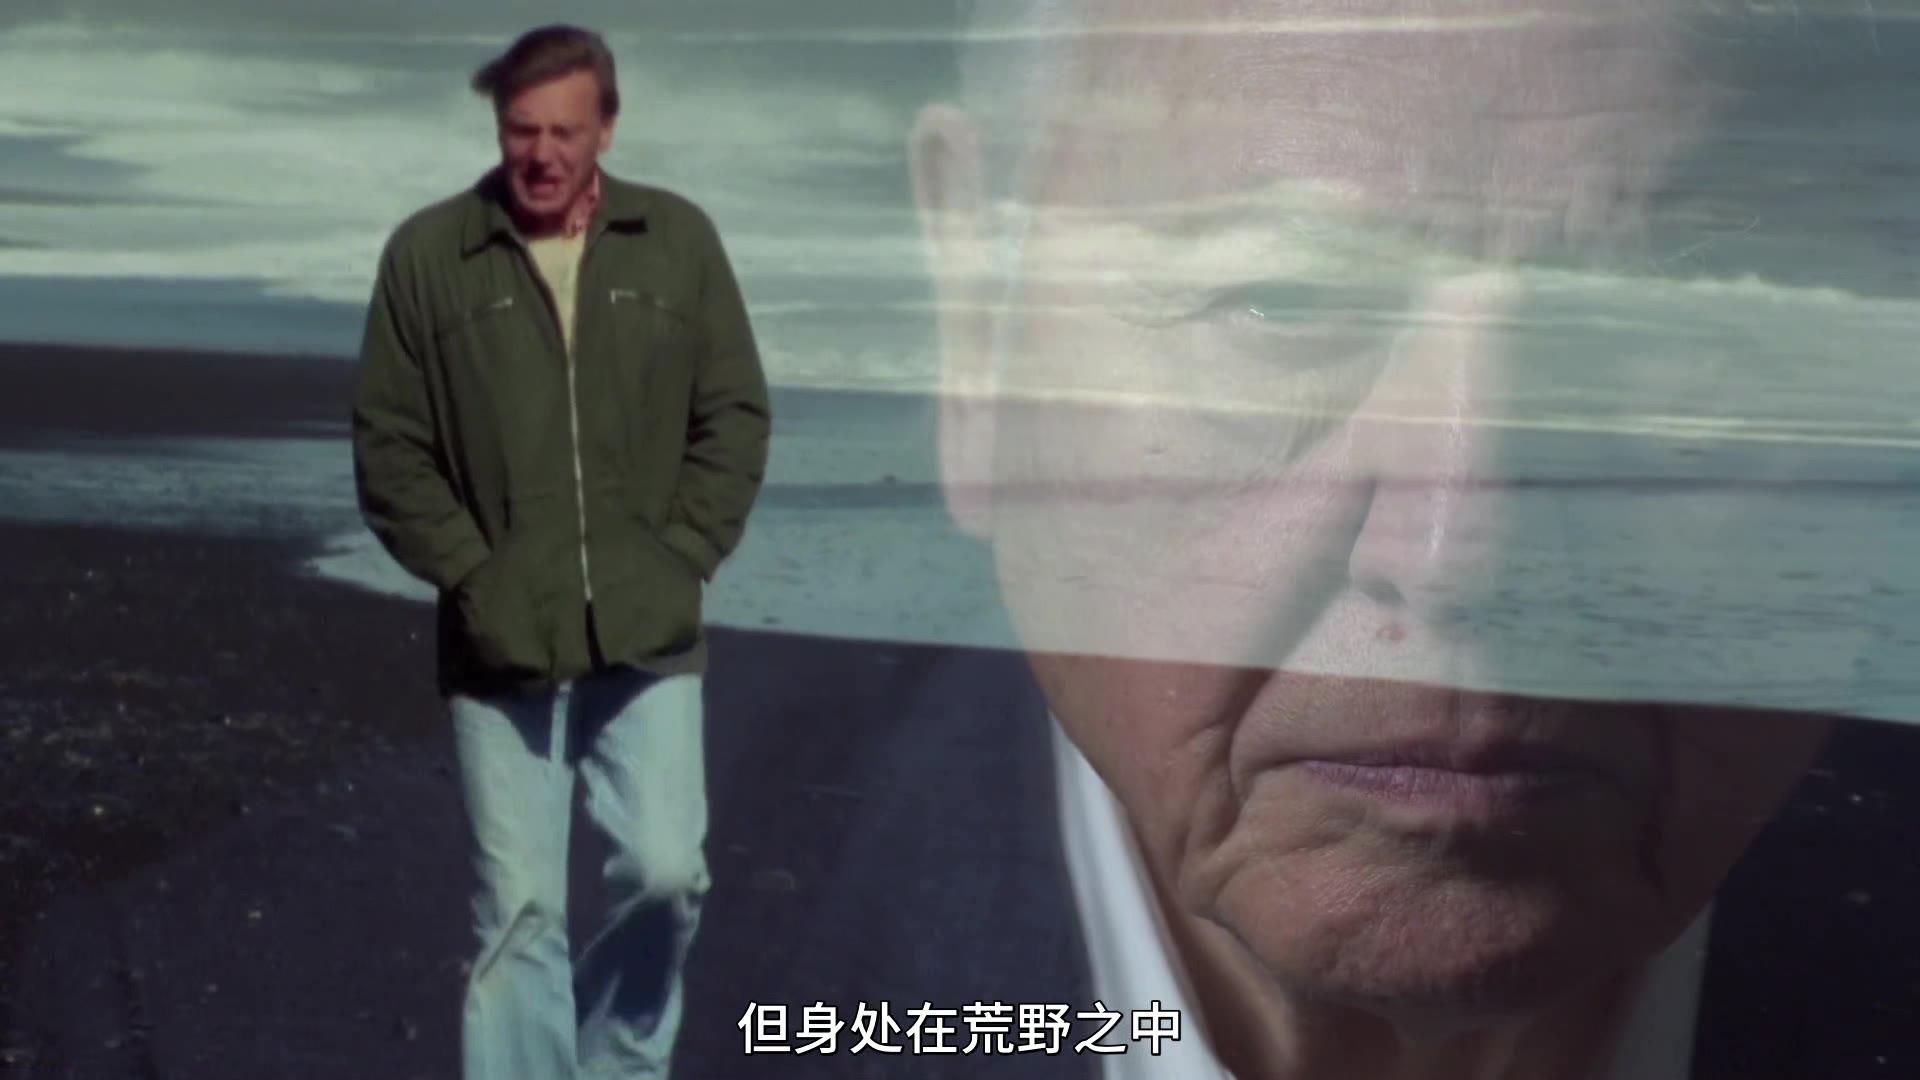 【纪录片】【大卫.爱登堡:地球上的一段生命旅程】【2020】【1080P】【中字】